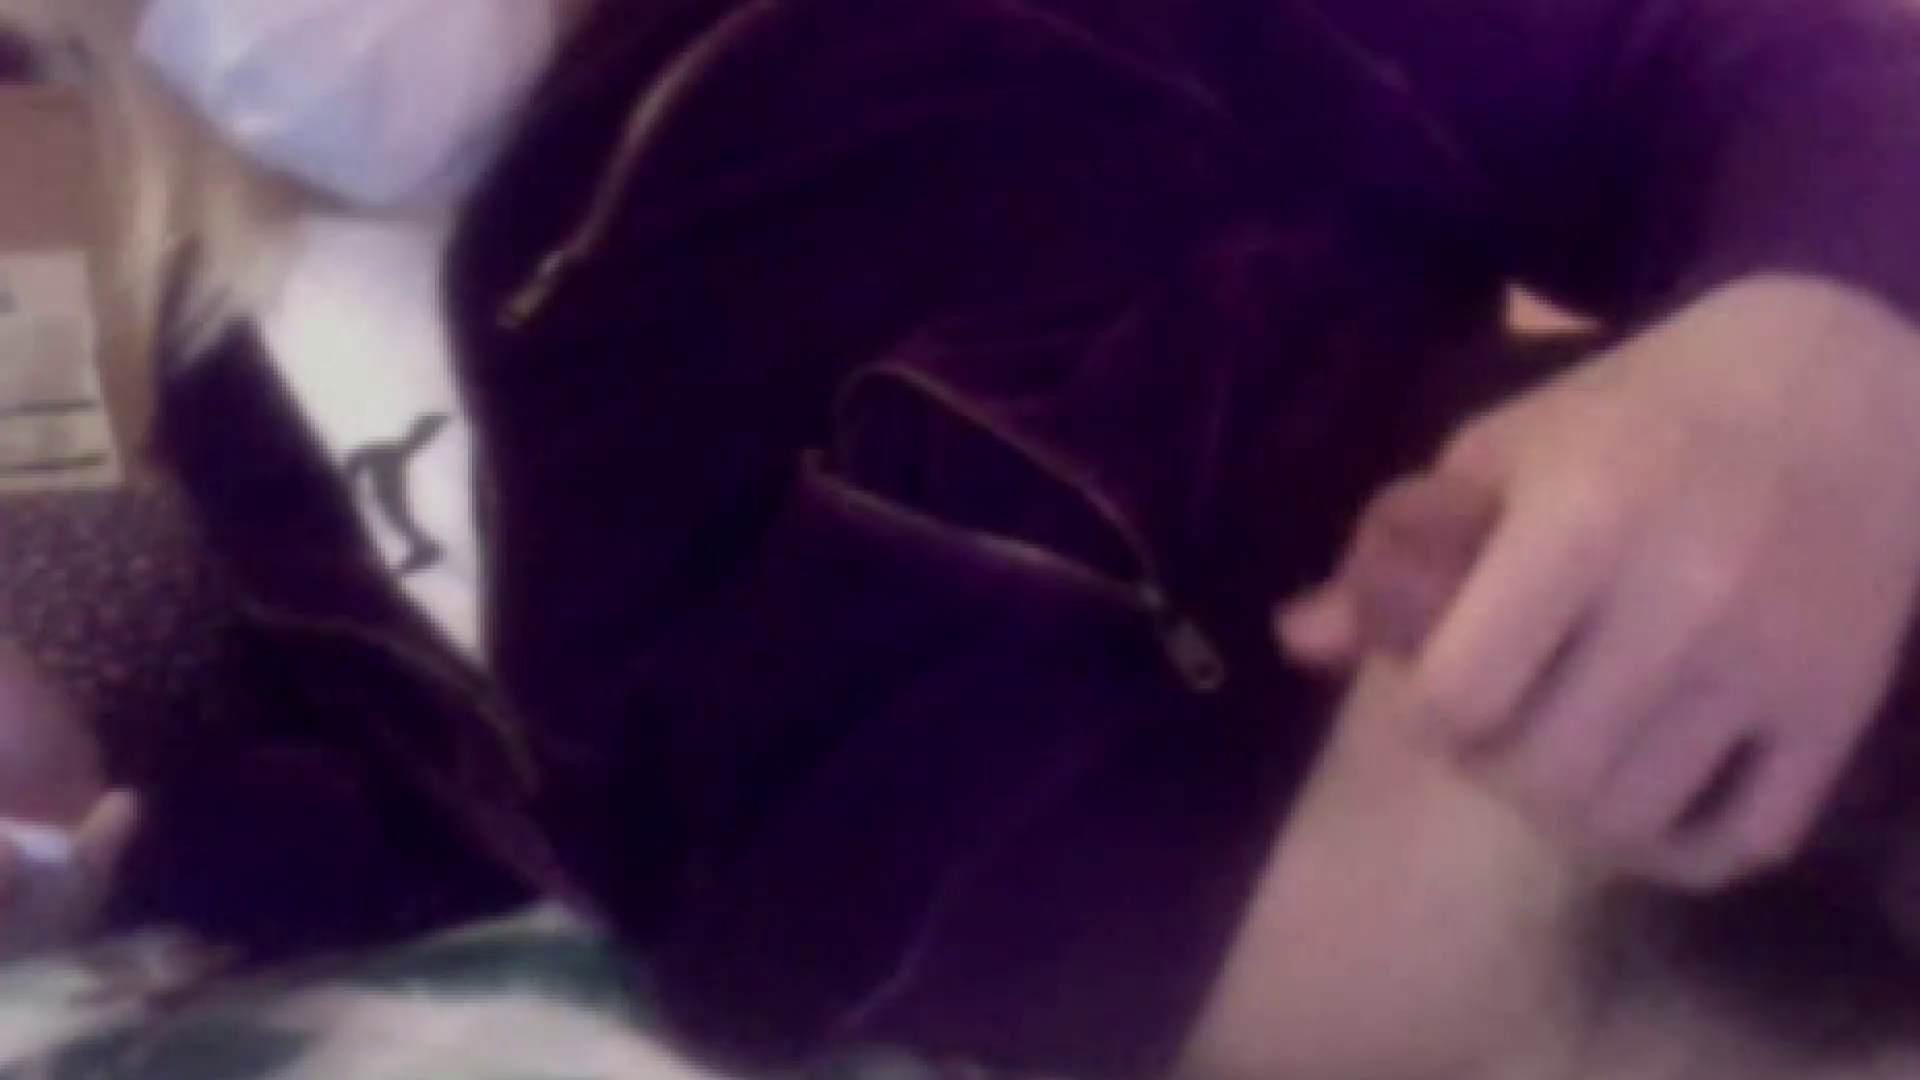 巨根 オナニー塾Vol.08 オナニー | モザ無し アダルトビデオ画像キャプチャ 106枚 94